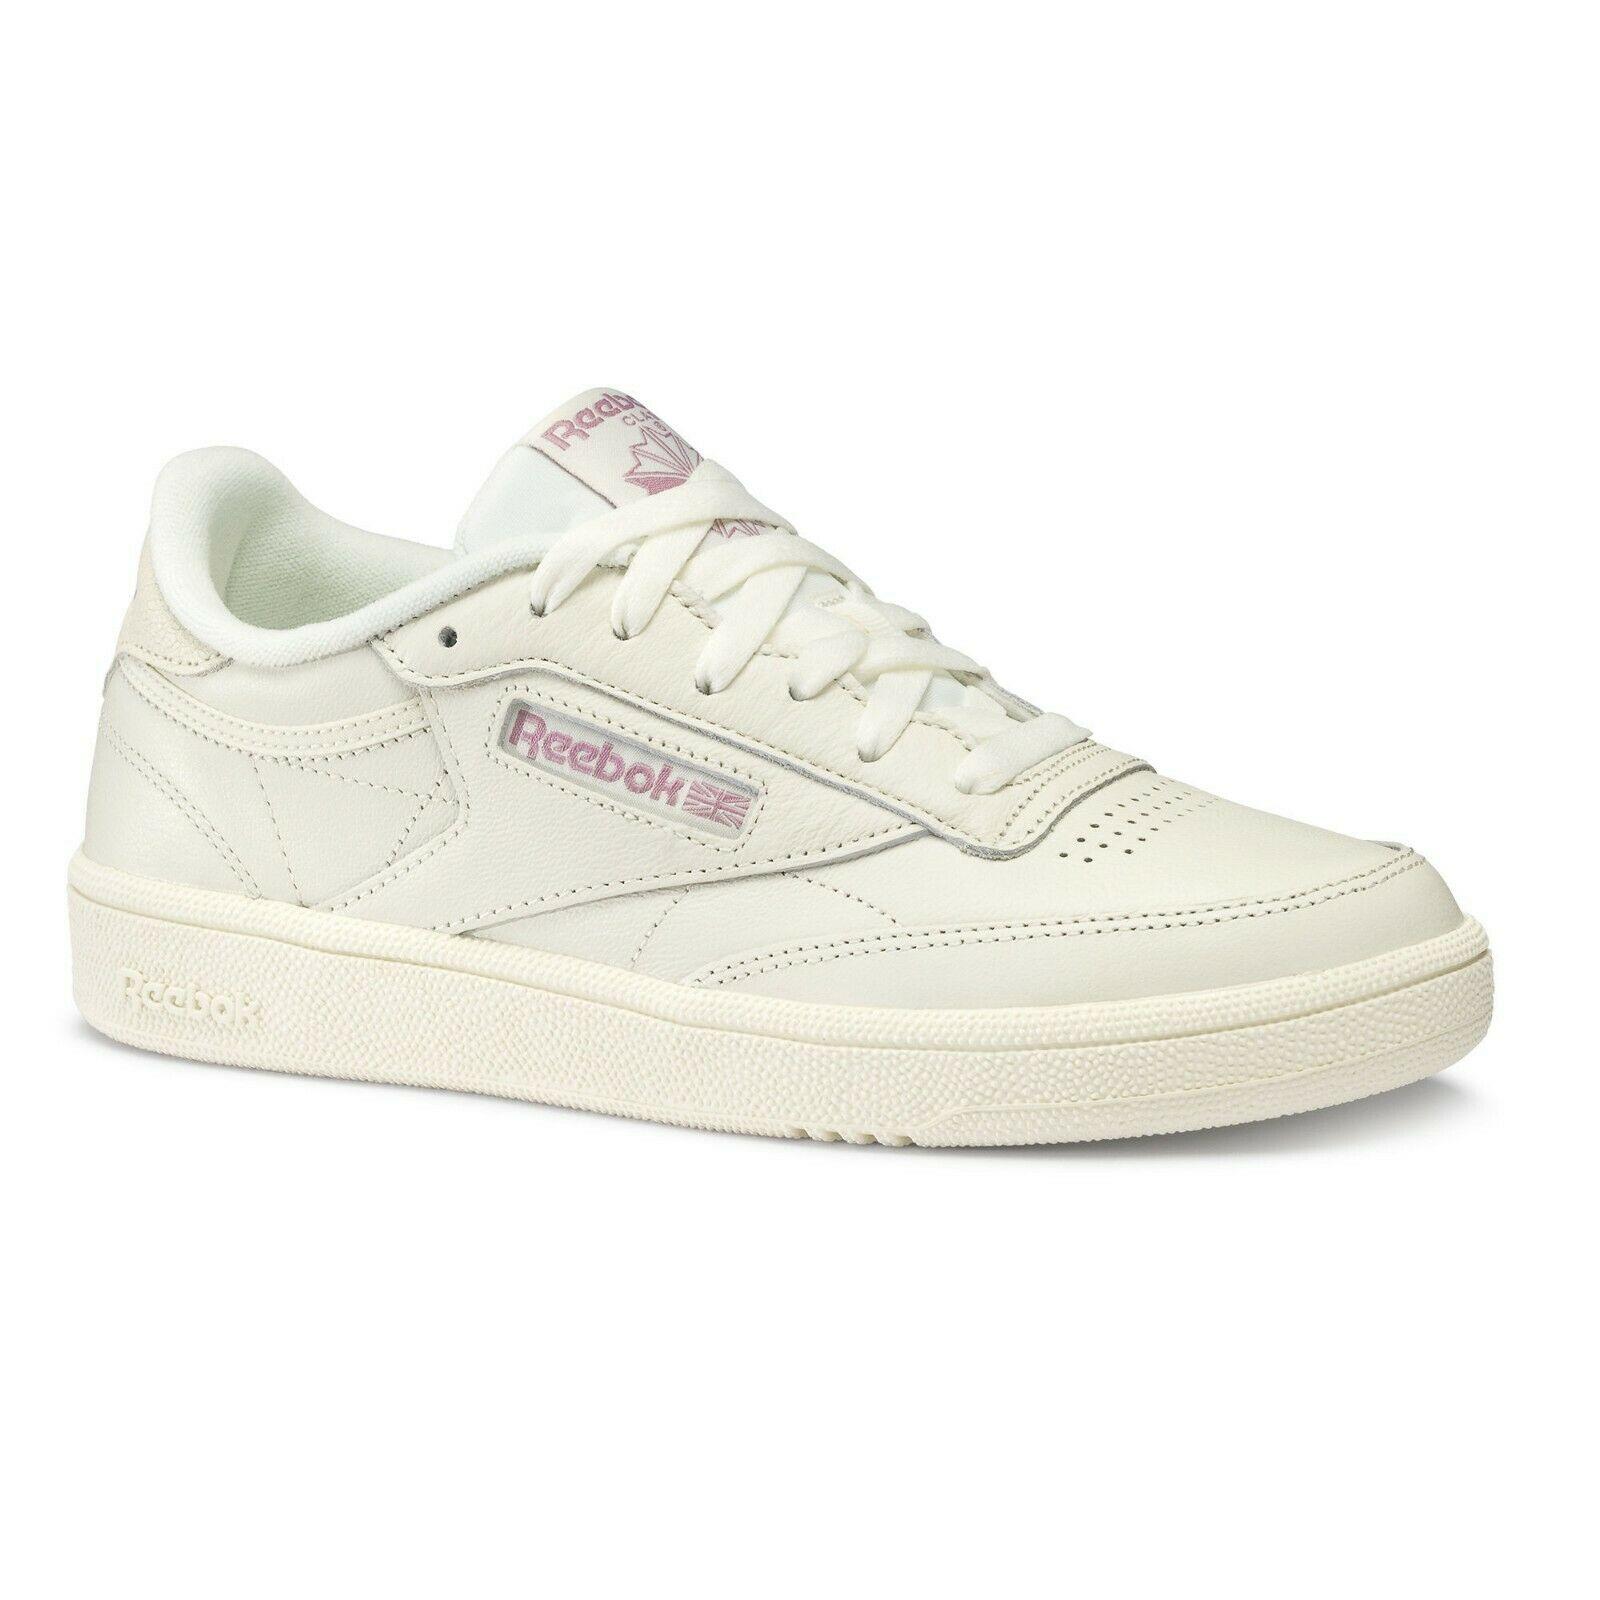 reebok rose rose chaussure haut reebok rose chaussure chaussure reebok haut haut haut chaussure reebok kuXZPiOT